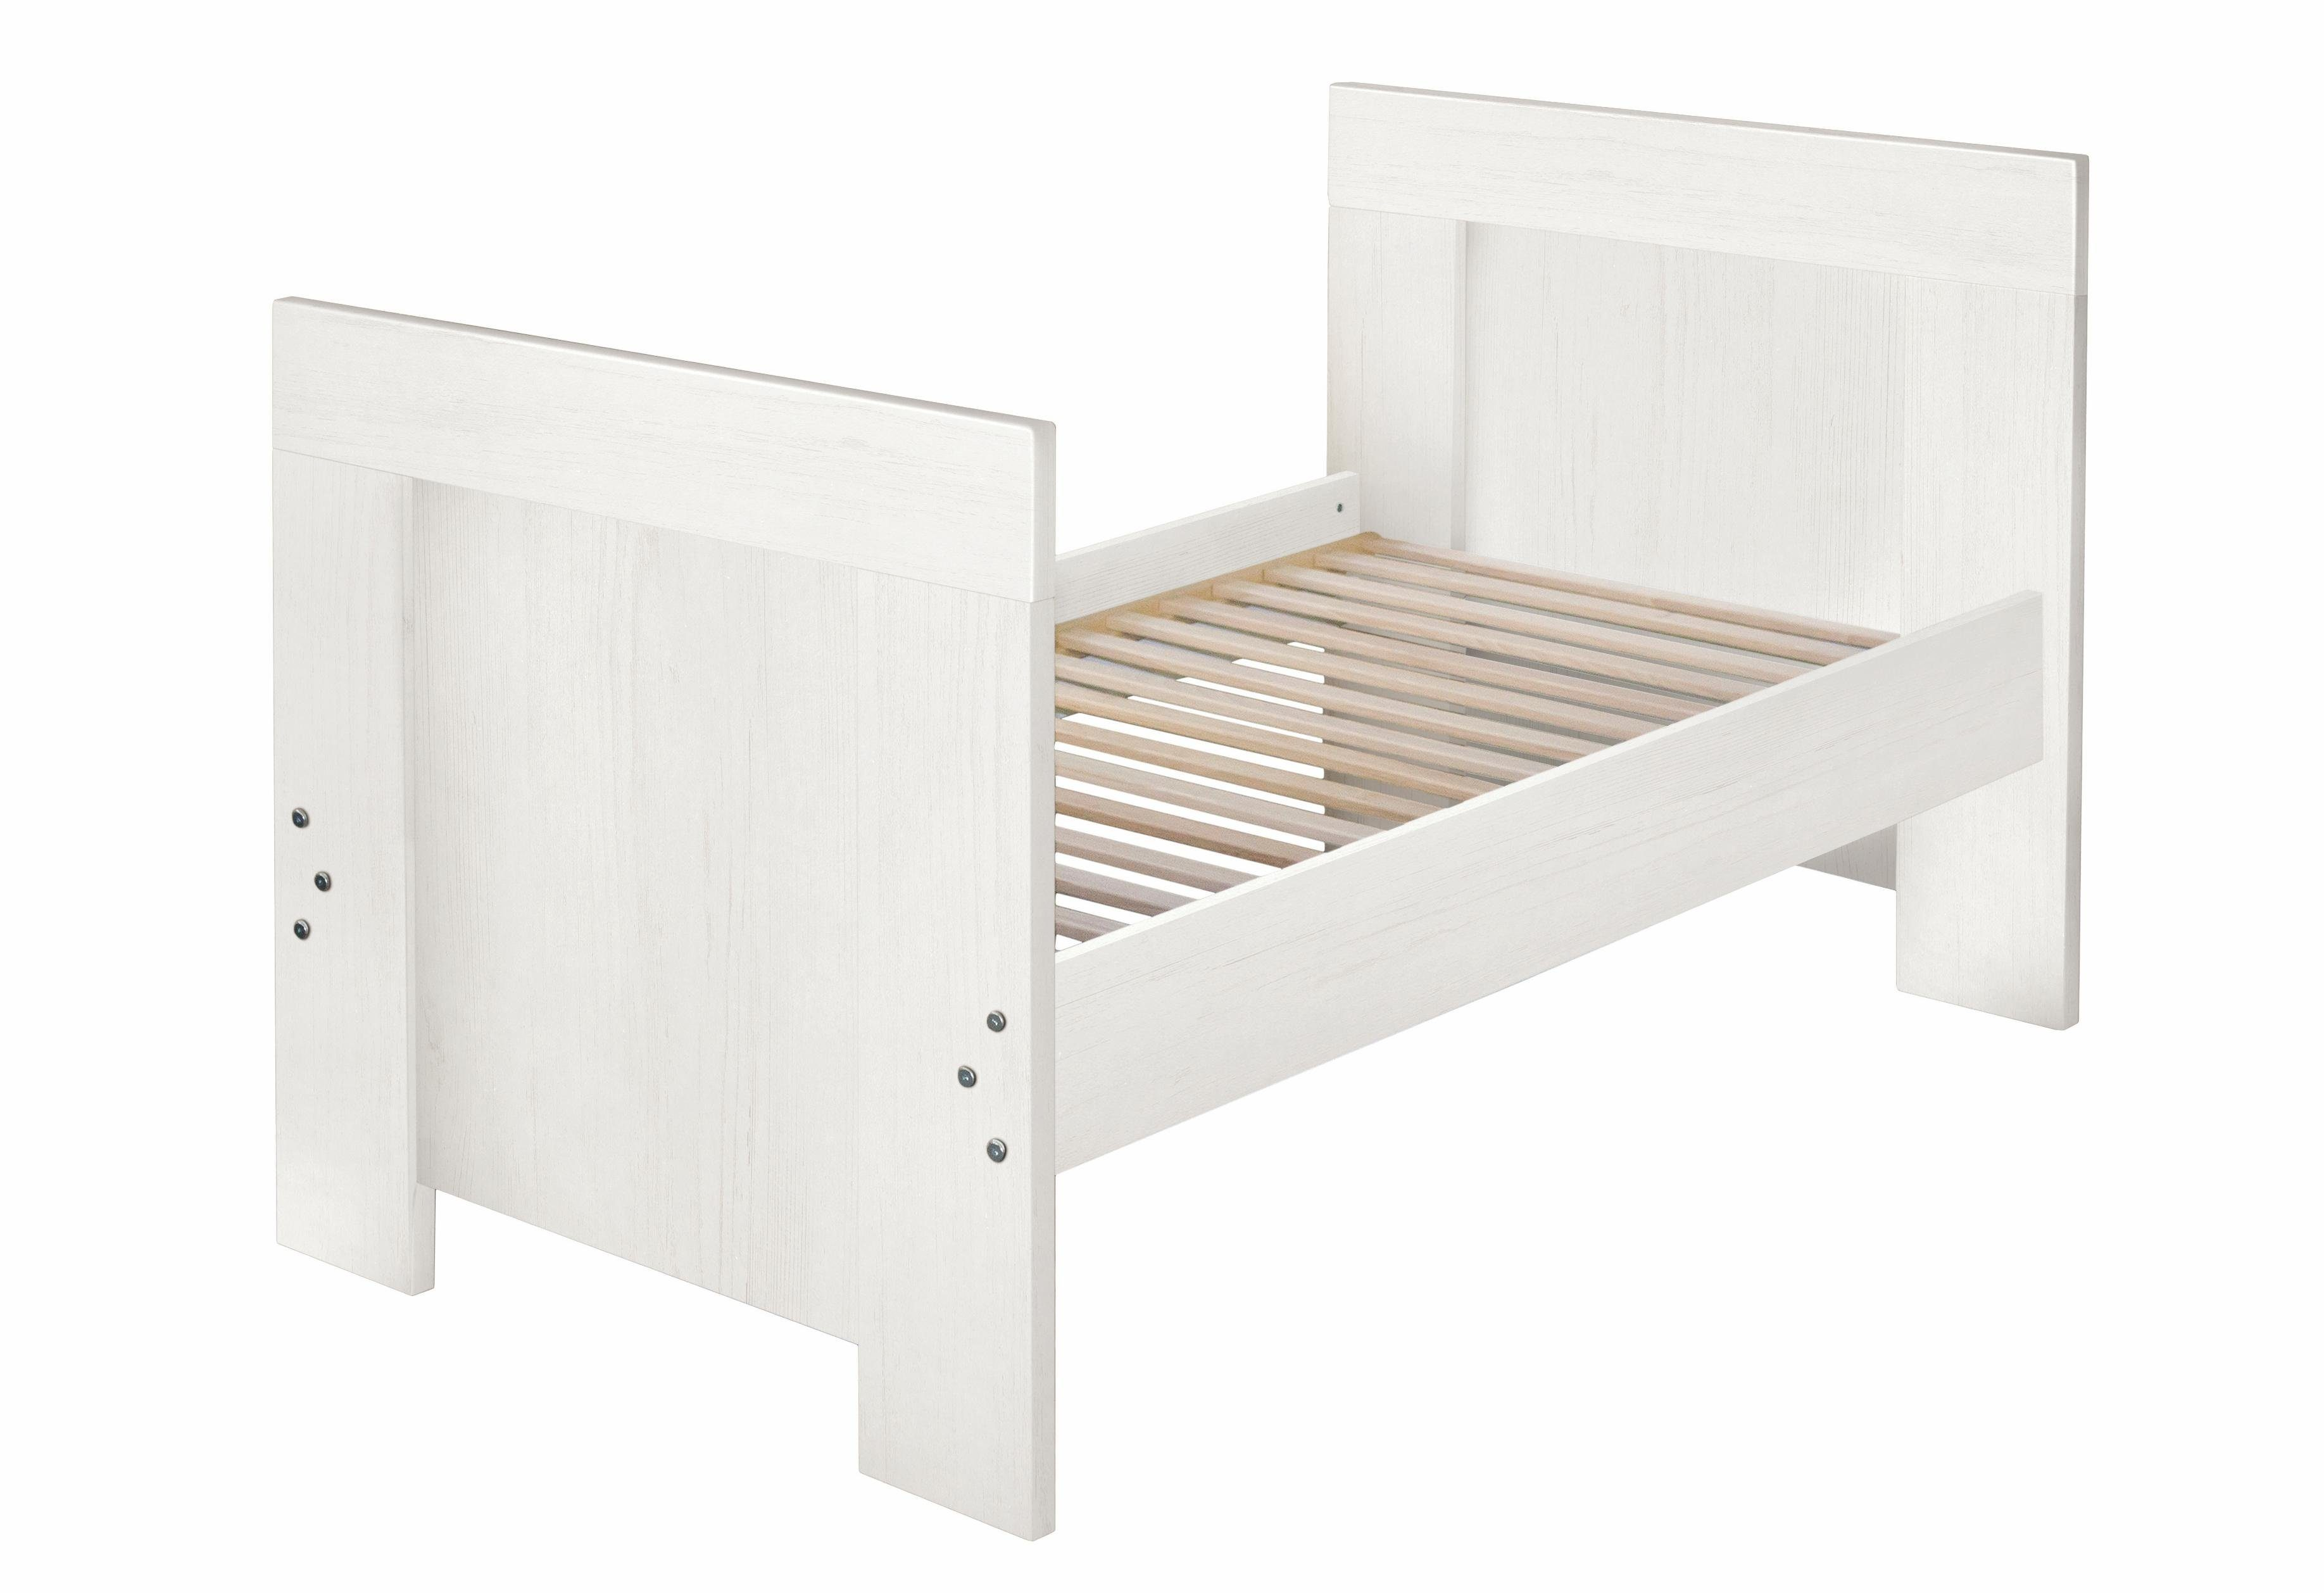 Umbauseiten zum Juniorbett für die Babymöbel Serien Granny und Dandy, in anderson pine